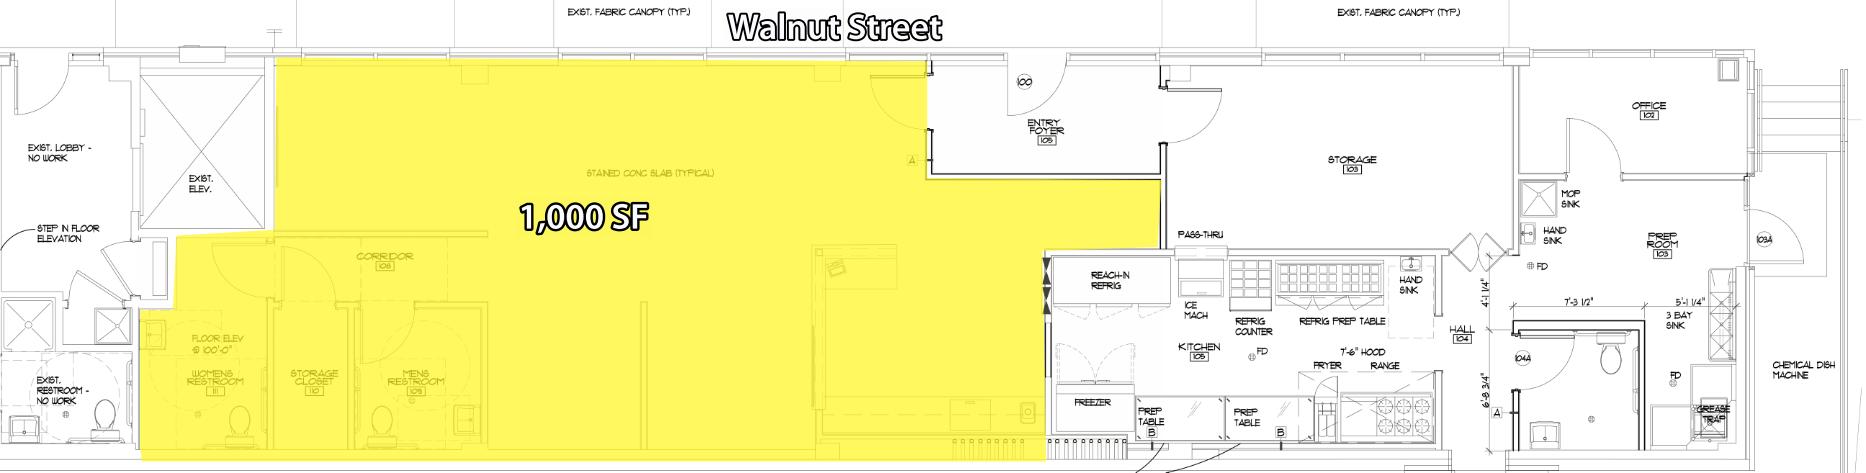 1200 E Walnut St